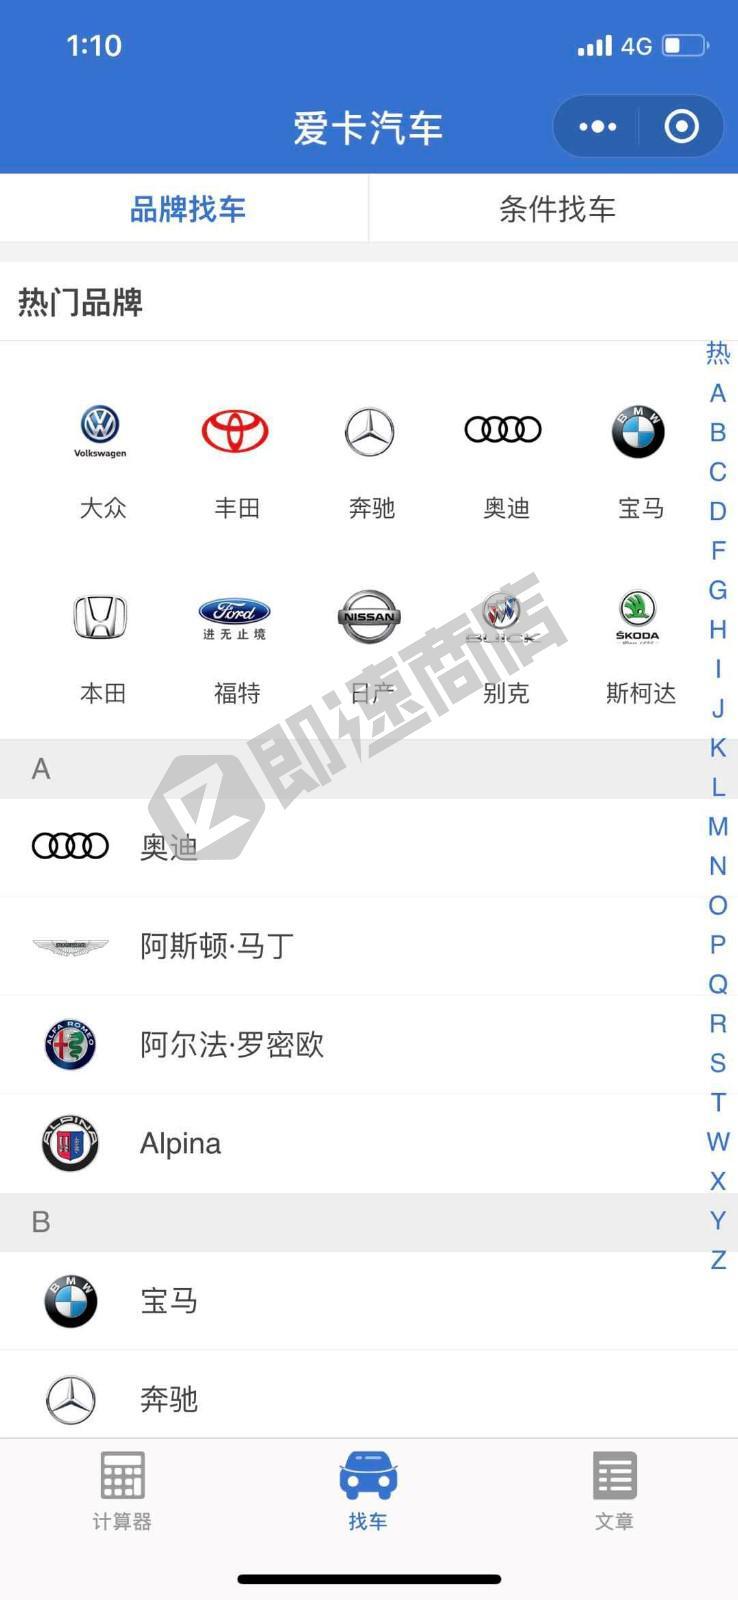 爱卡汽车小程序列表页截图